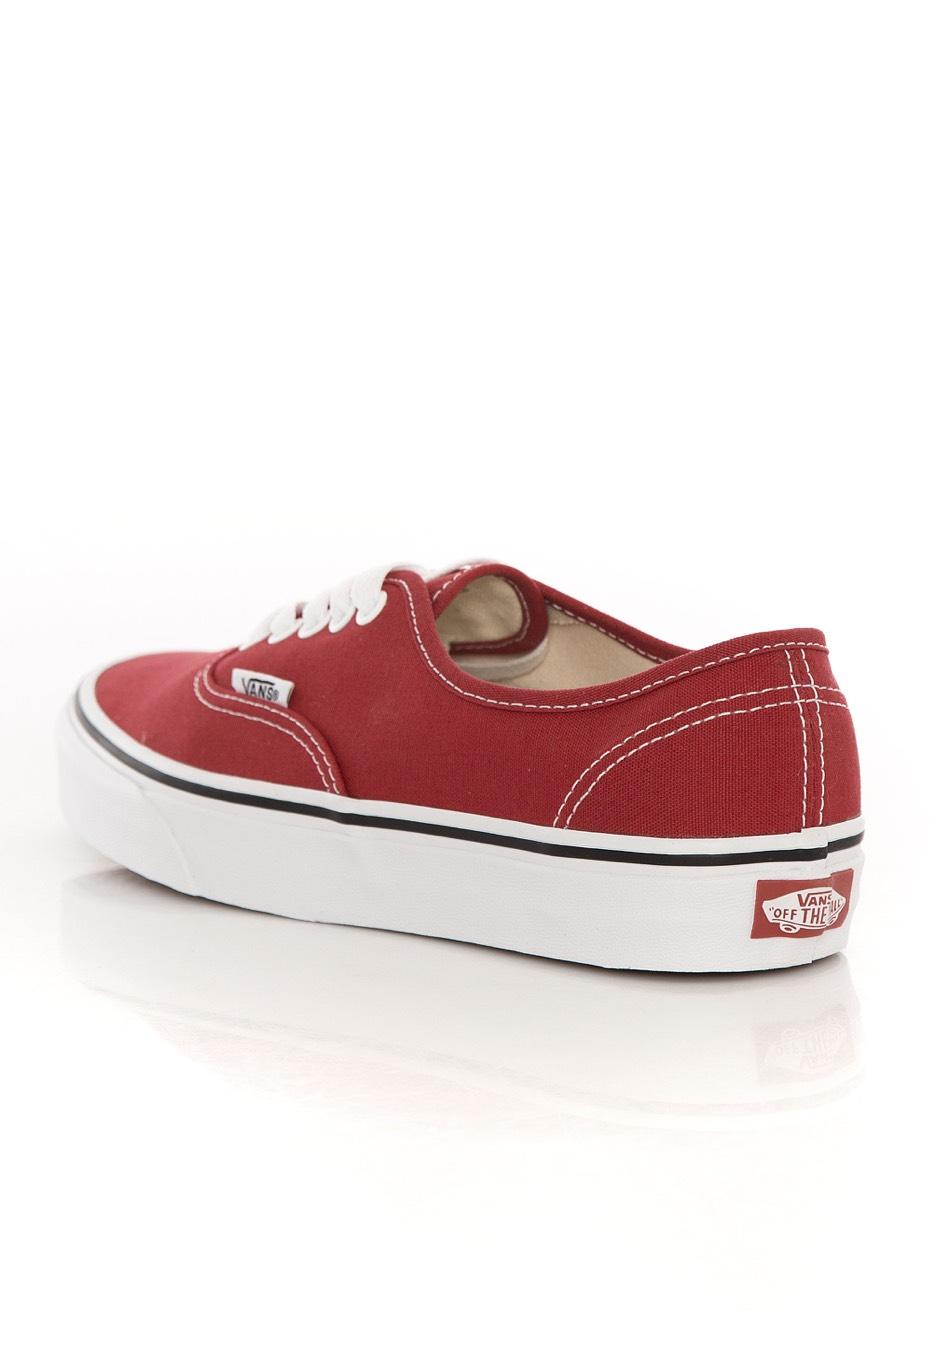 Vans - Authentic Crimson/True White